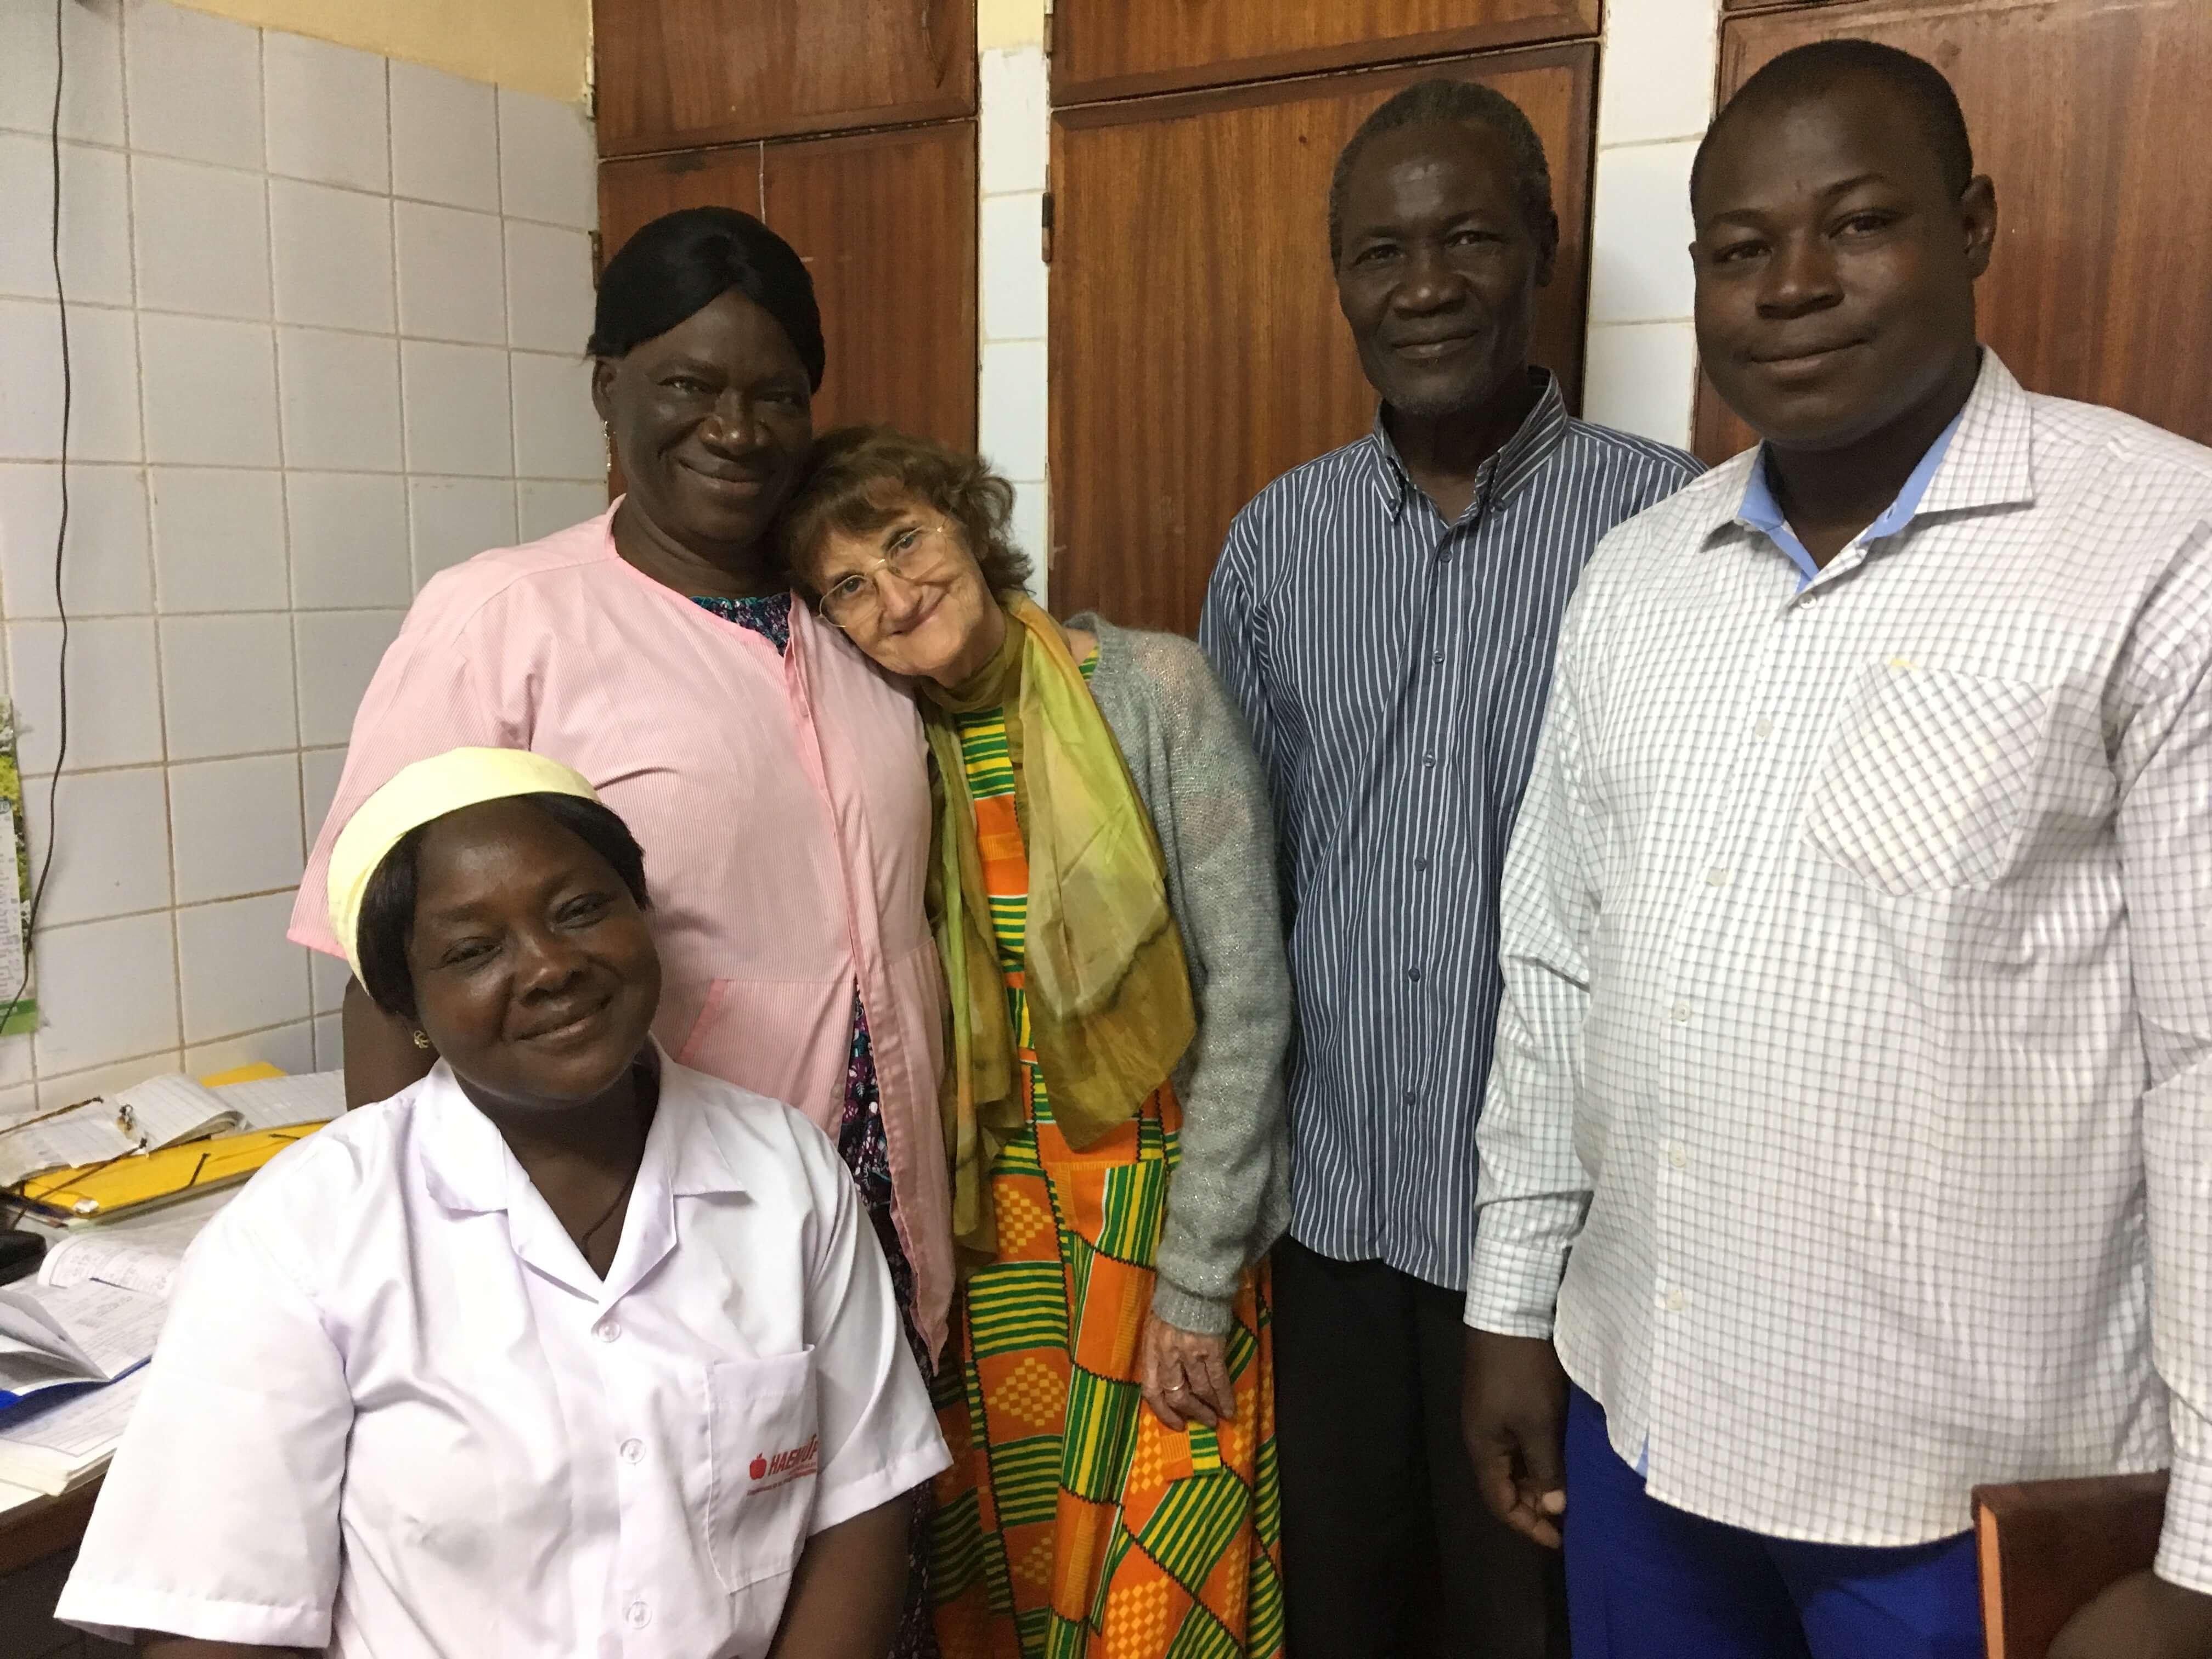 A l'hôpital des Assemblées de Dieu de Schiffra à Ouagadougou